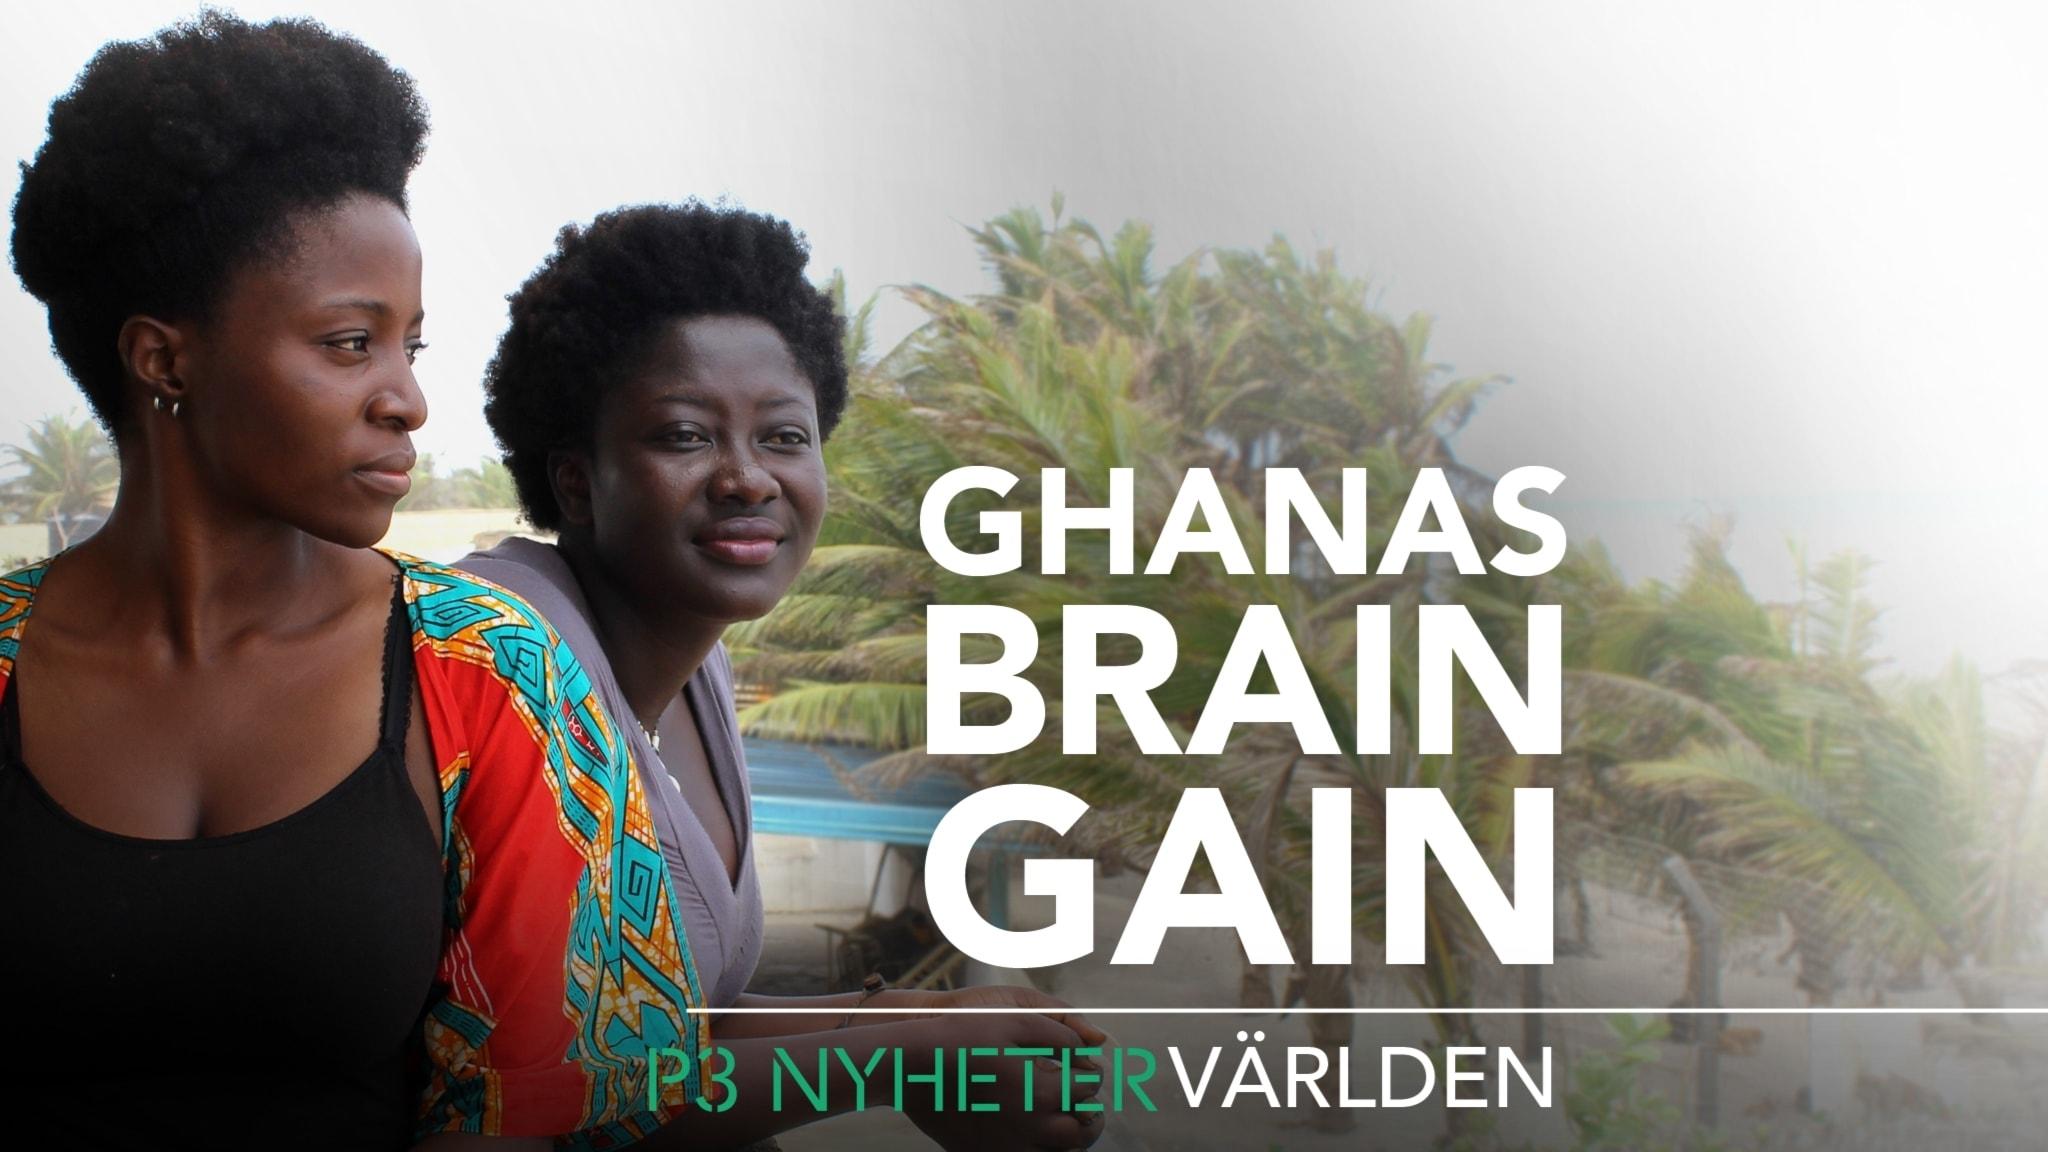 Ghanas brain gain - P3 Nyheter världen